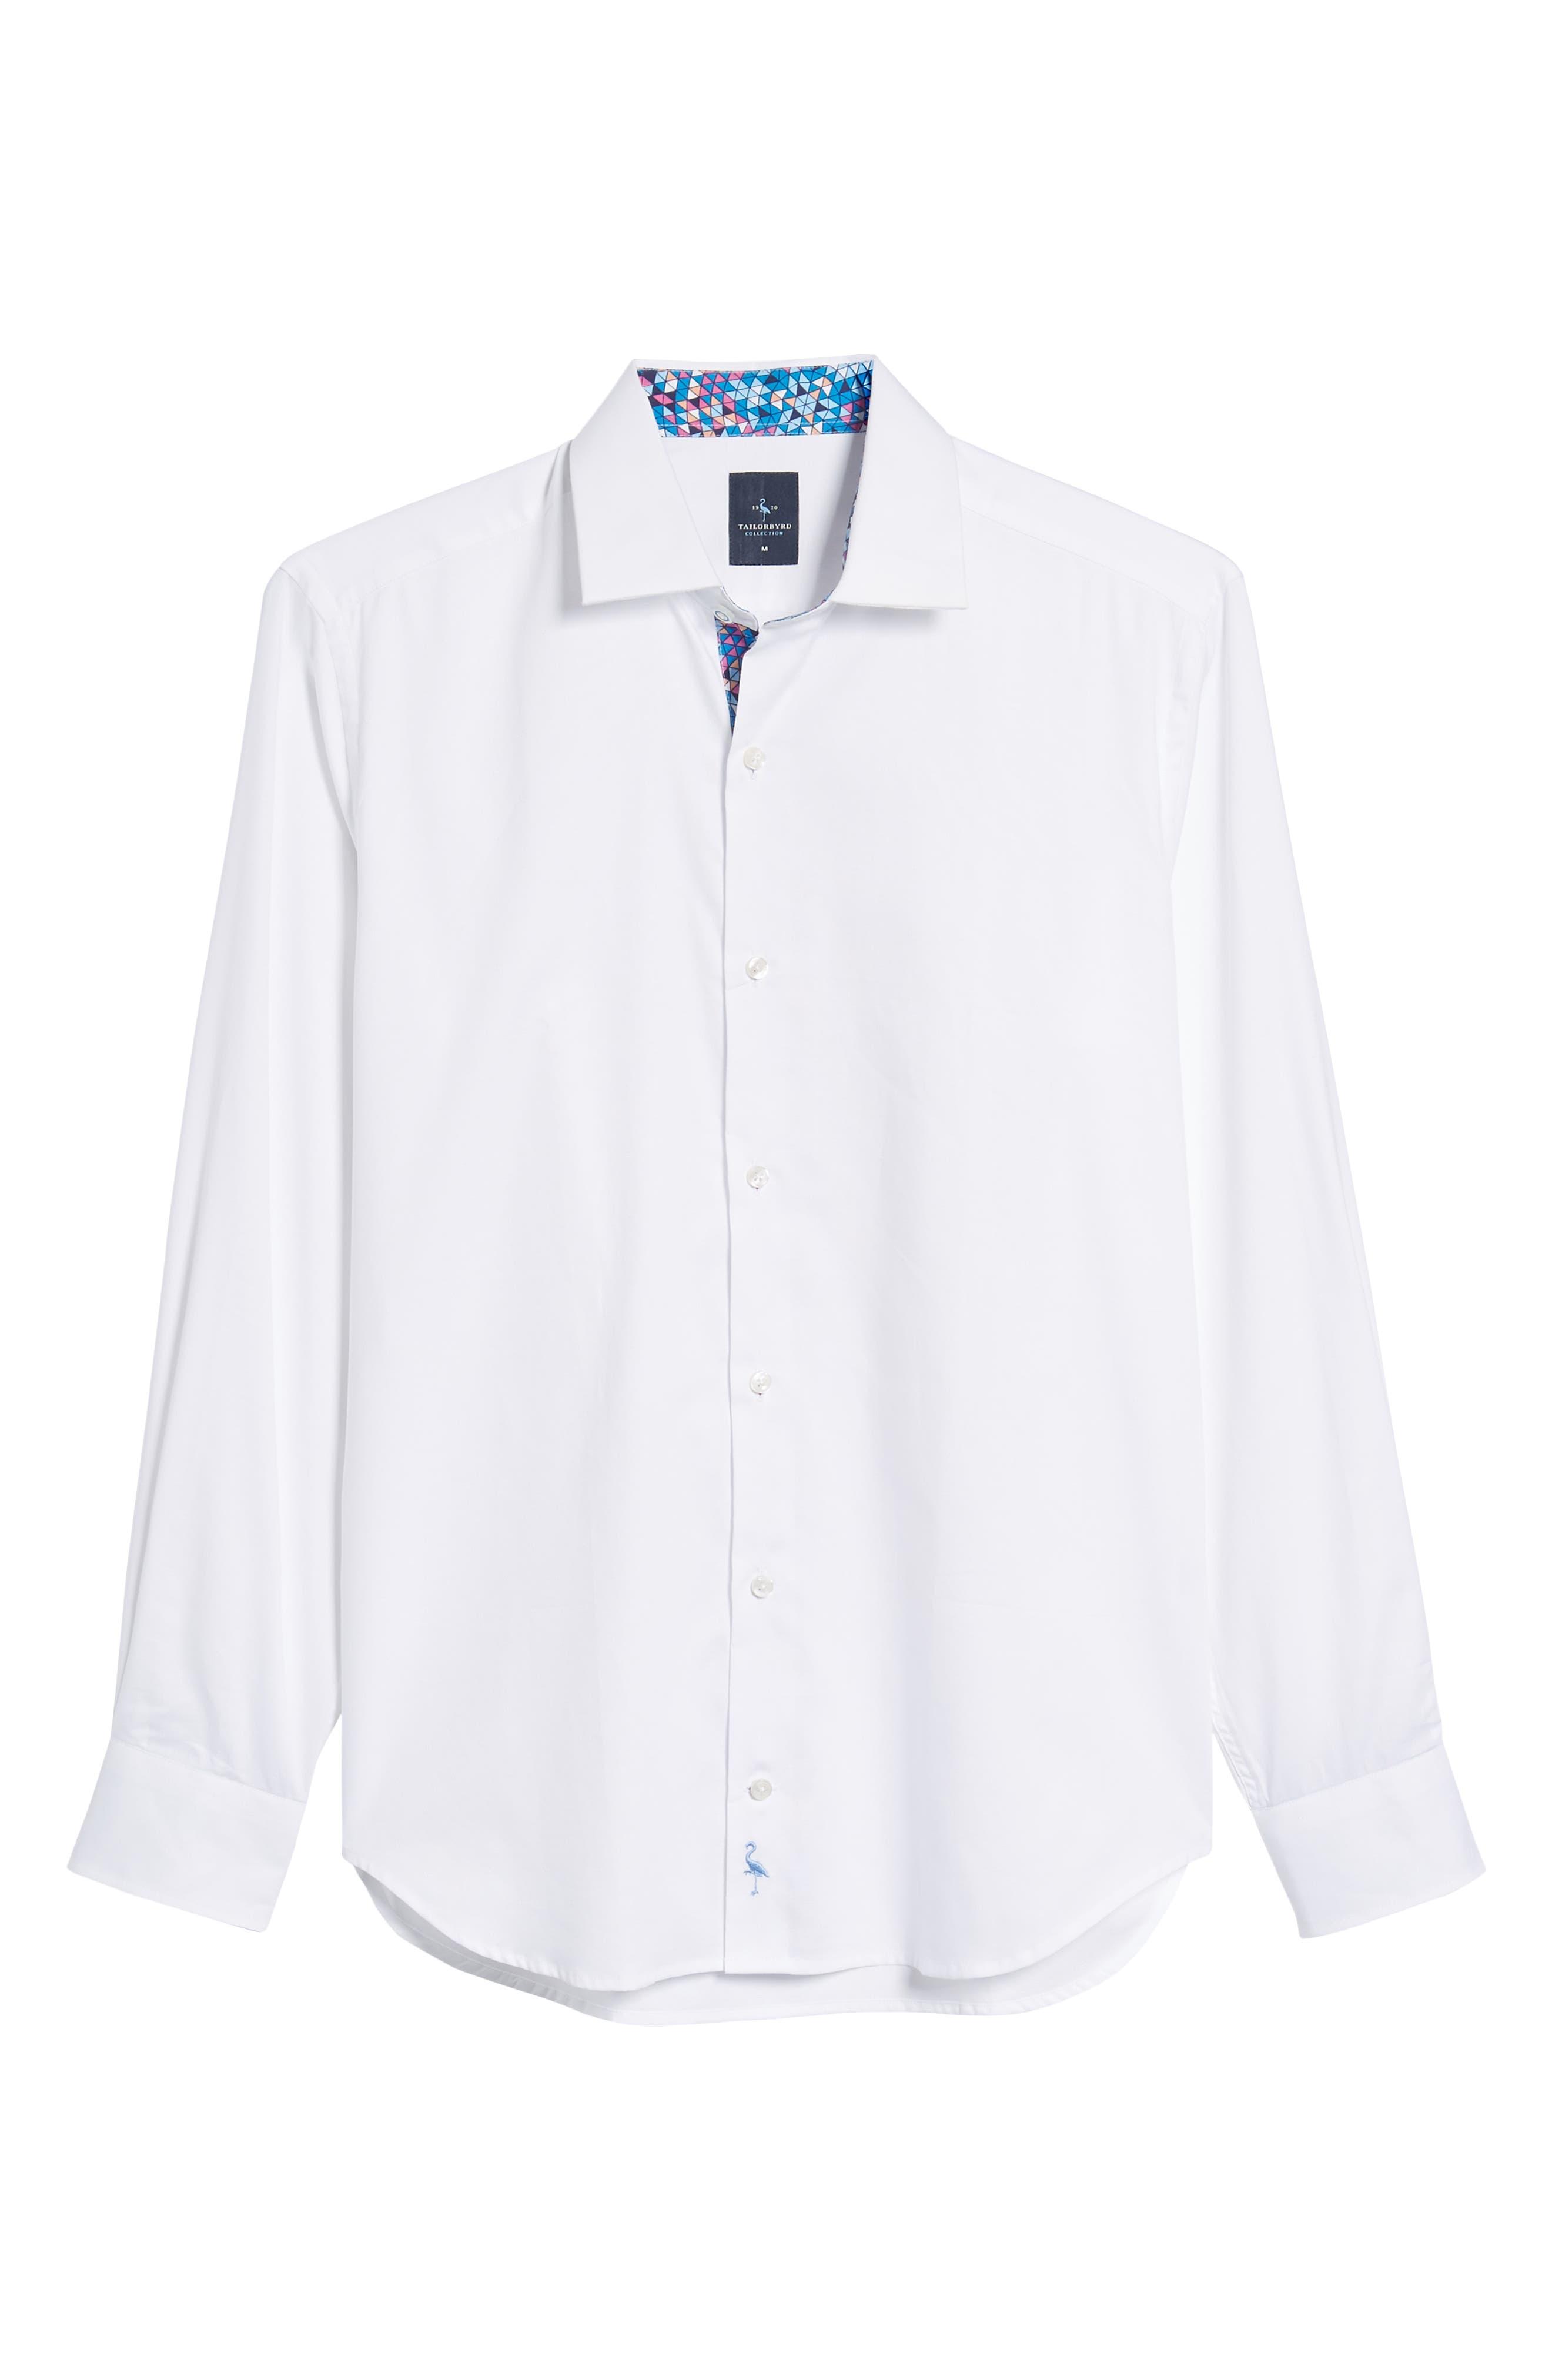 Angelo Regular Fit Sport Shirt,                             Alternate thumbnail 6, color,                             White